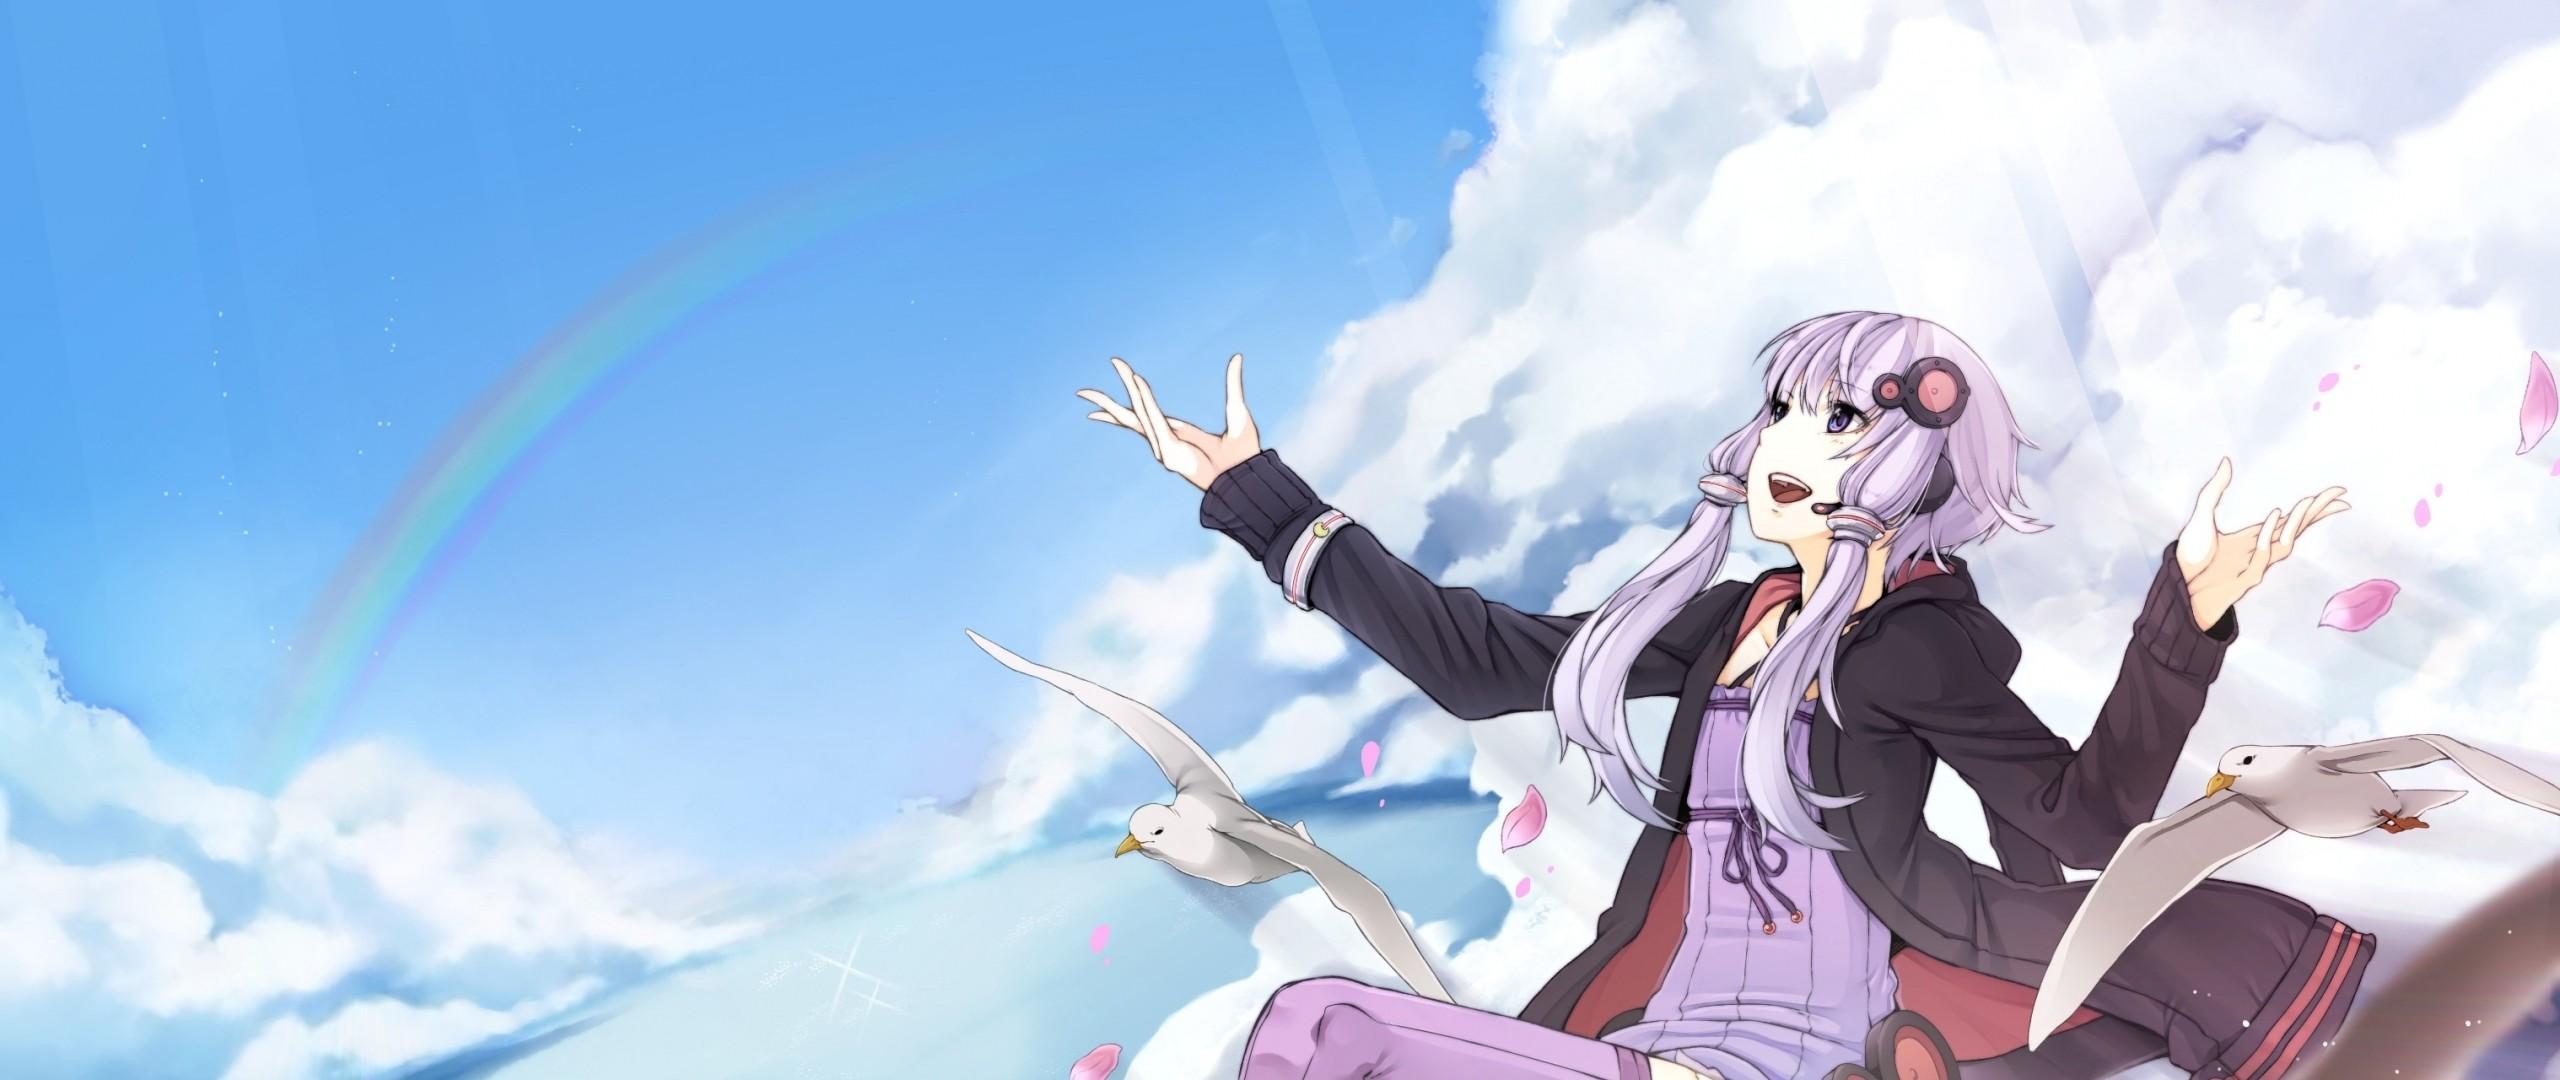 Wallpaper anime, girl, flying, bird, sky